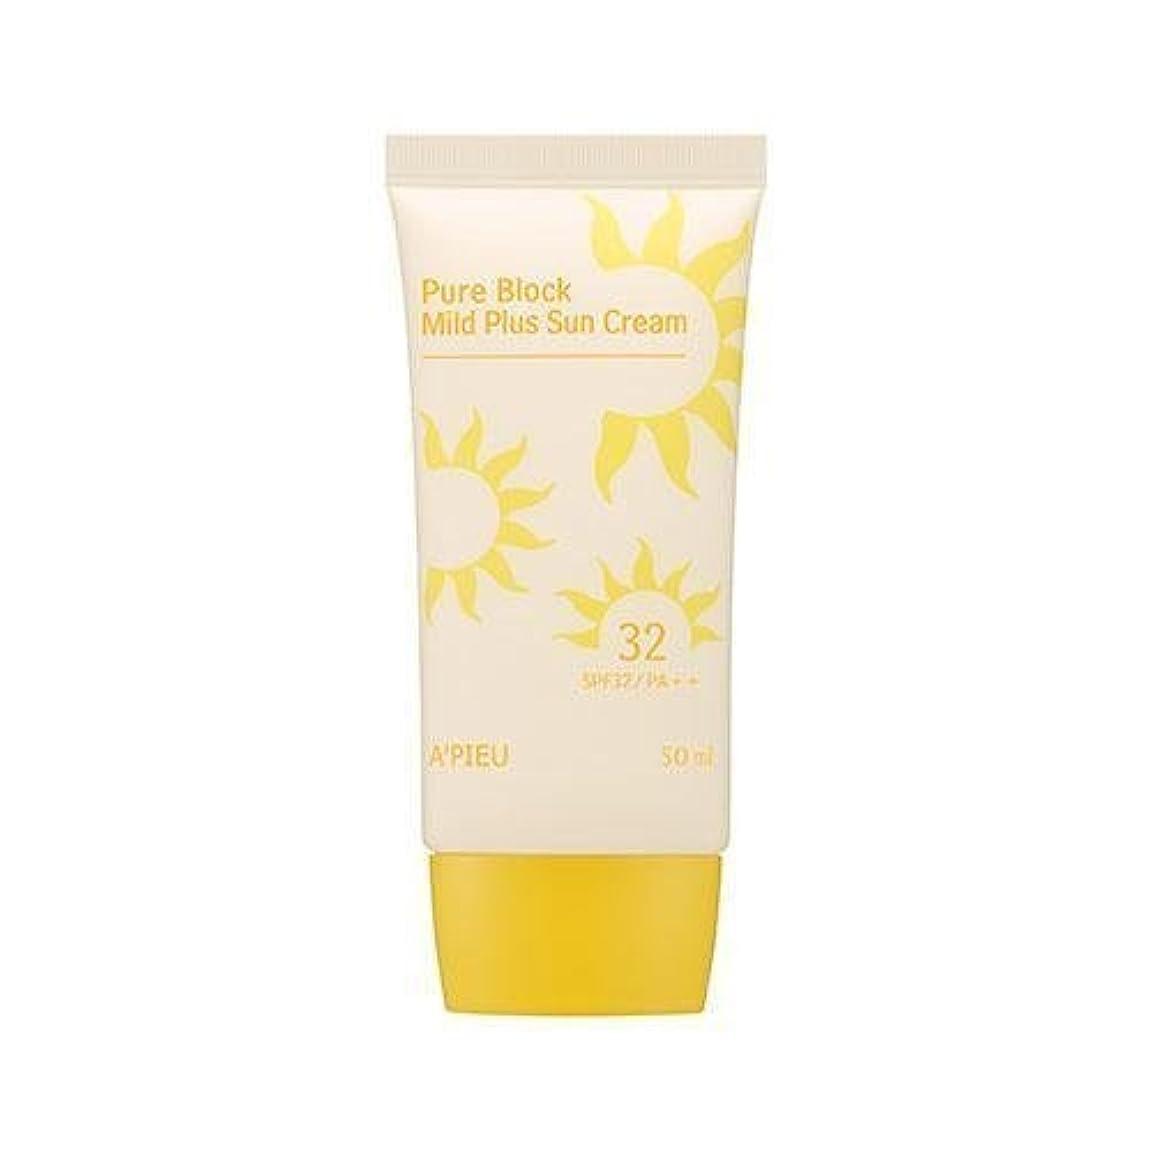 絶滅したトレーダーフォルダAPIEU Pure Block Mild Plus Sun Cream (SPF32/PA++)/ Made in Korea